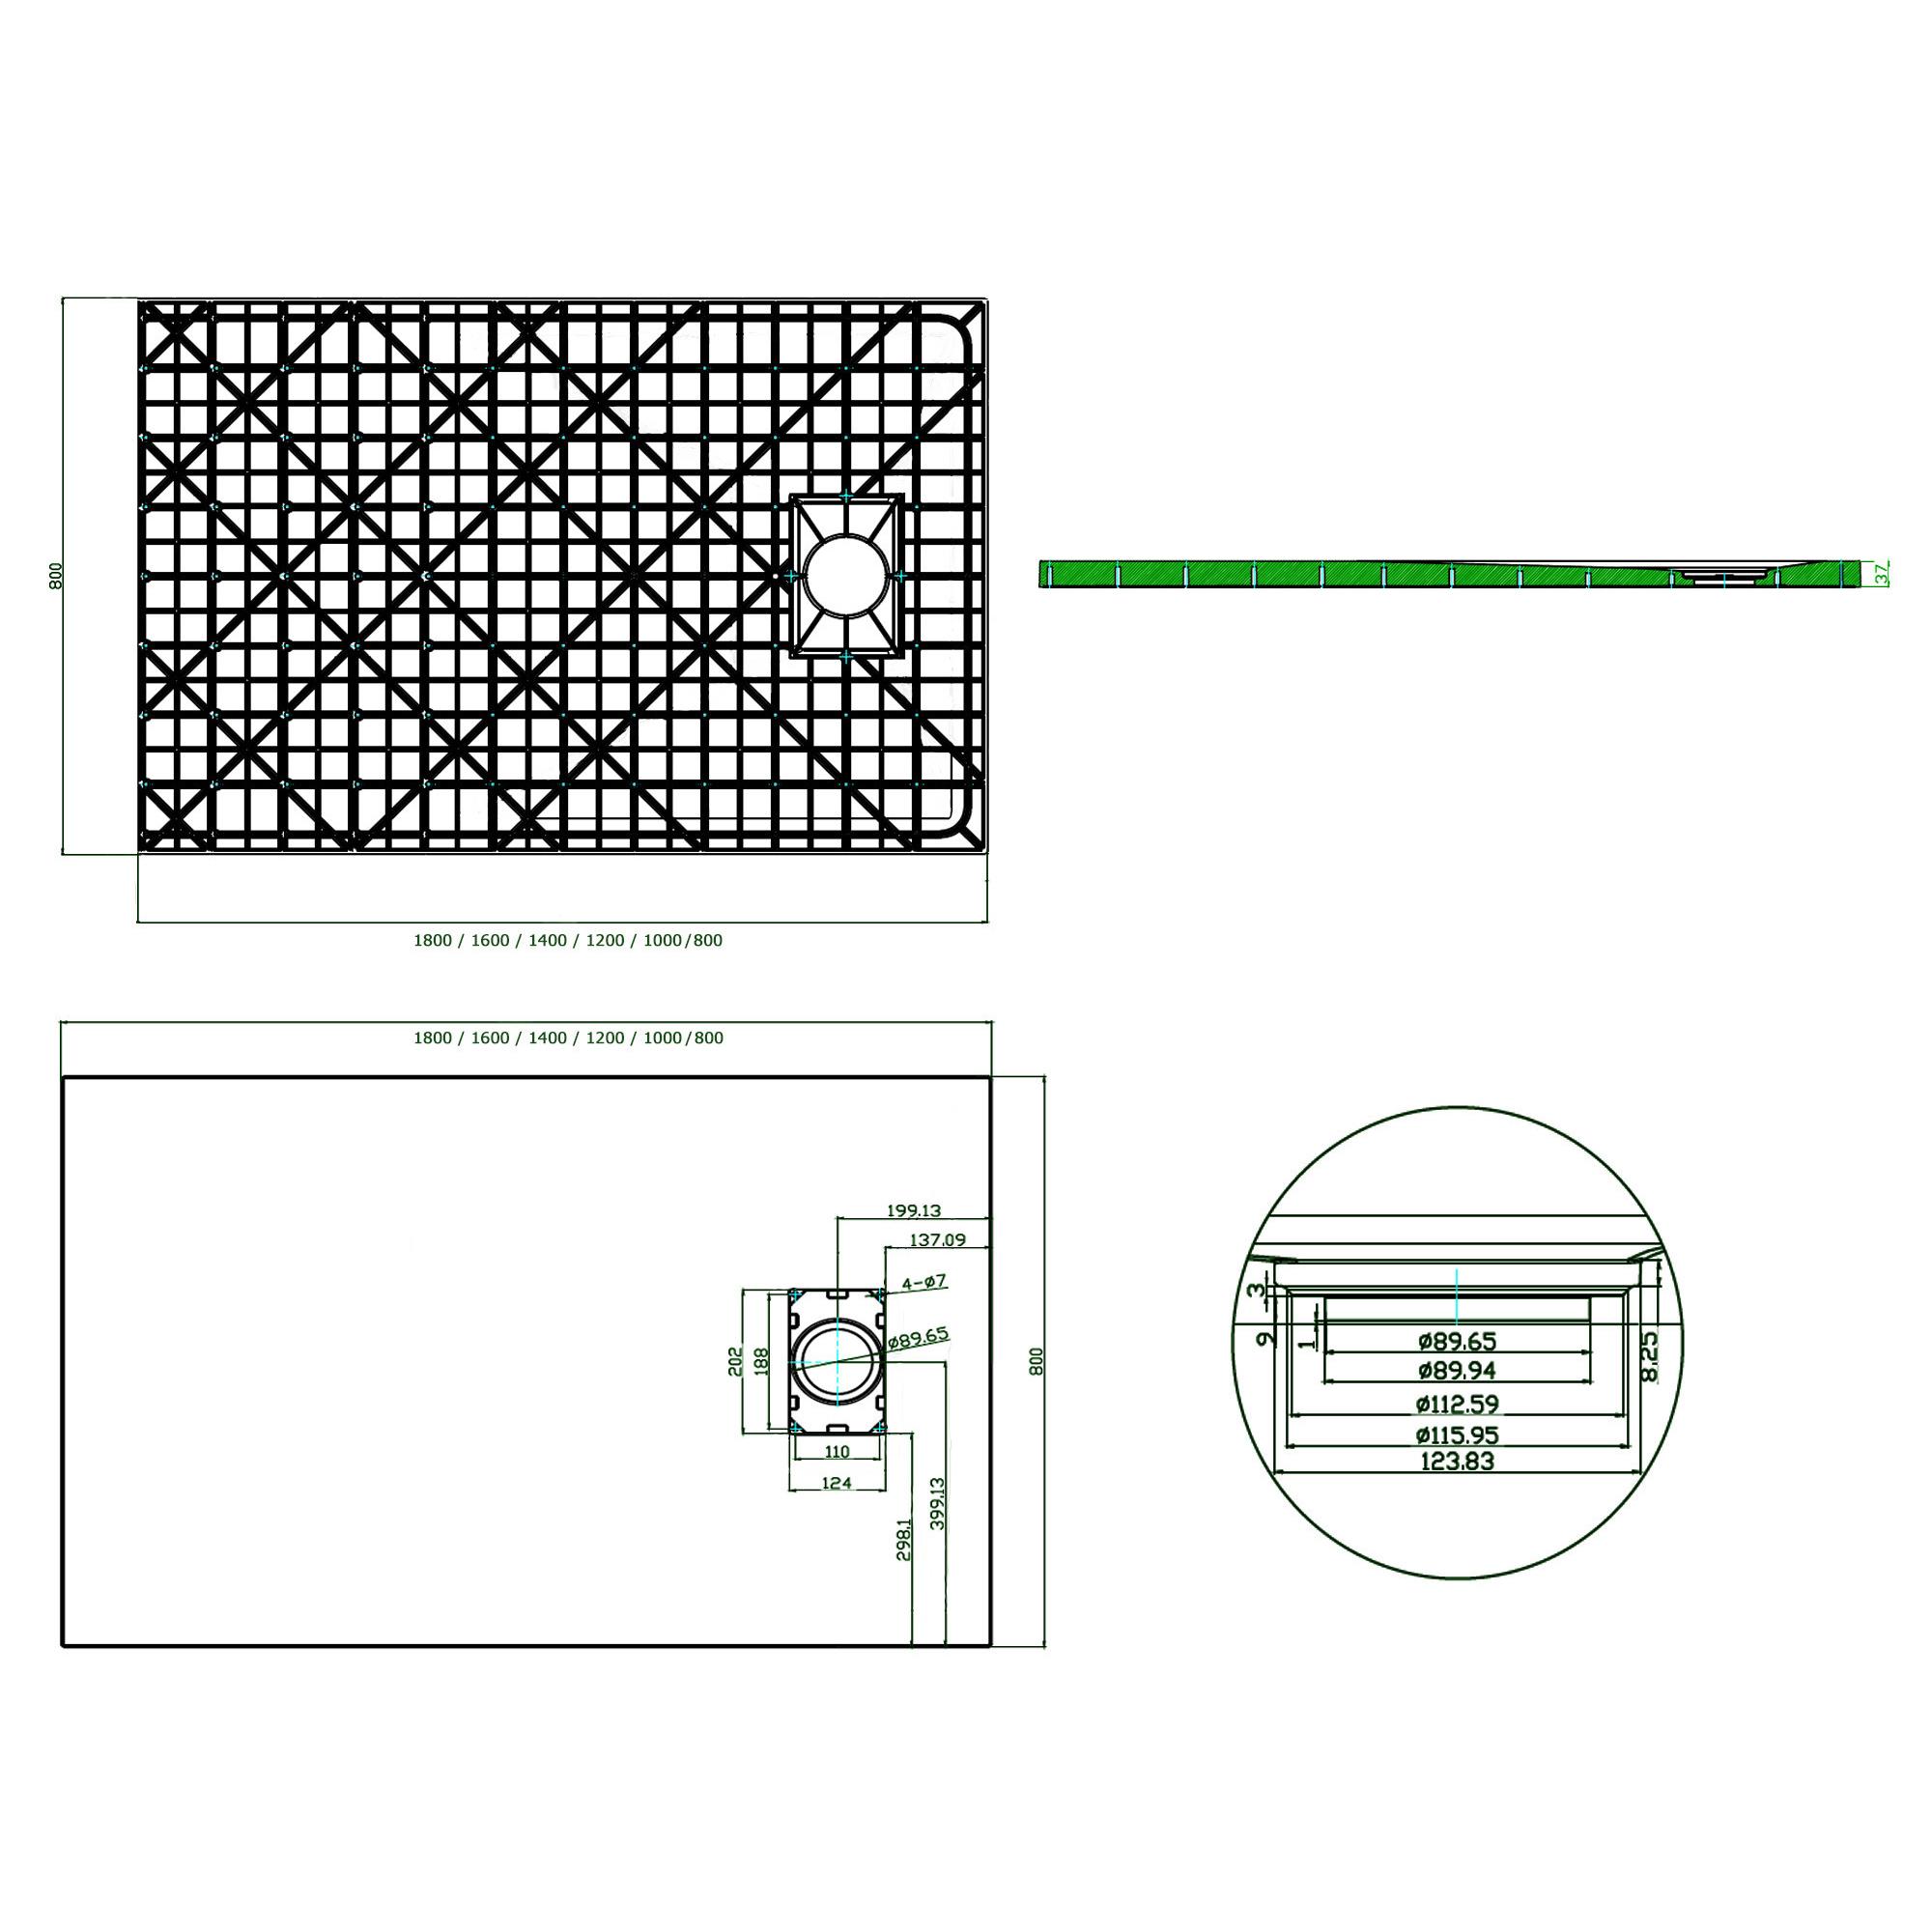 SMC Duschtasse - Zeichnung 1